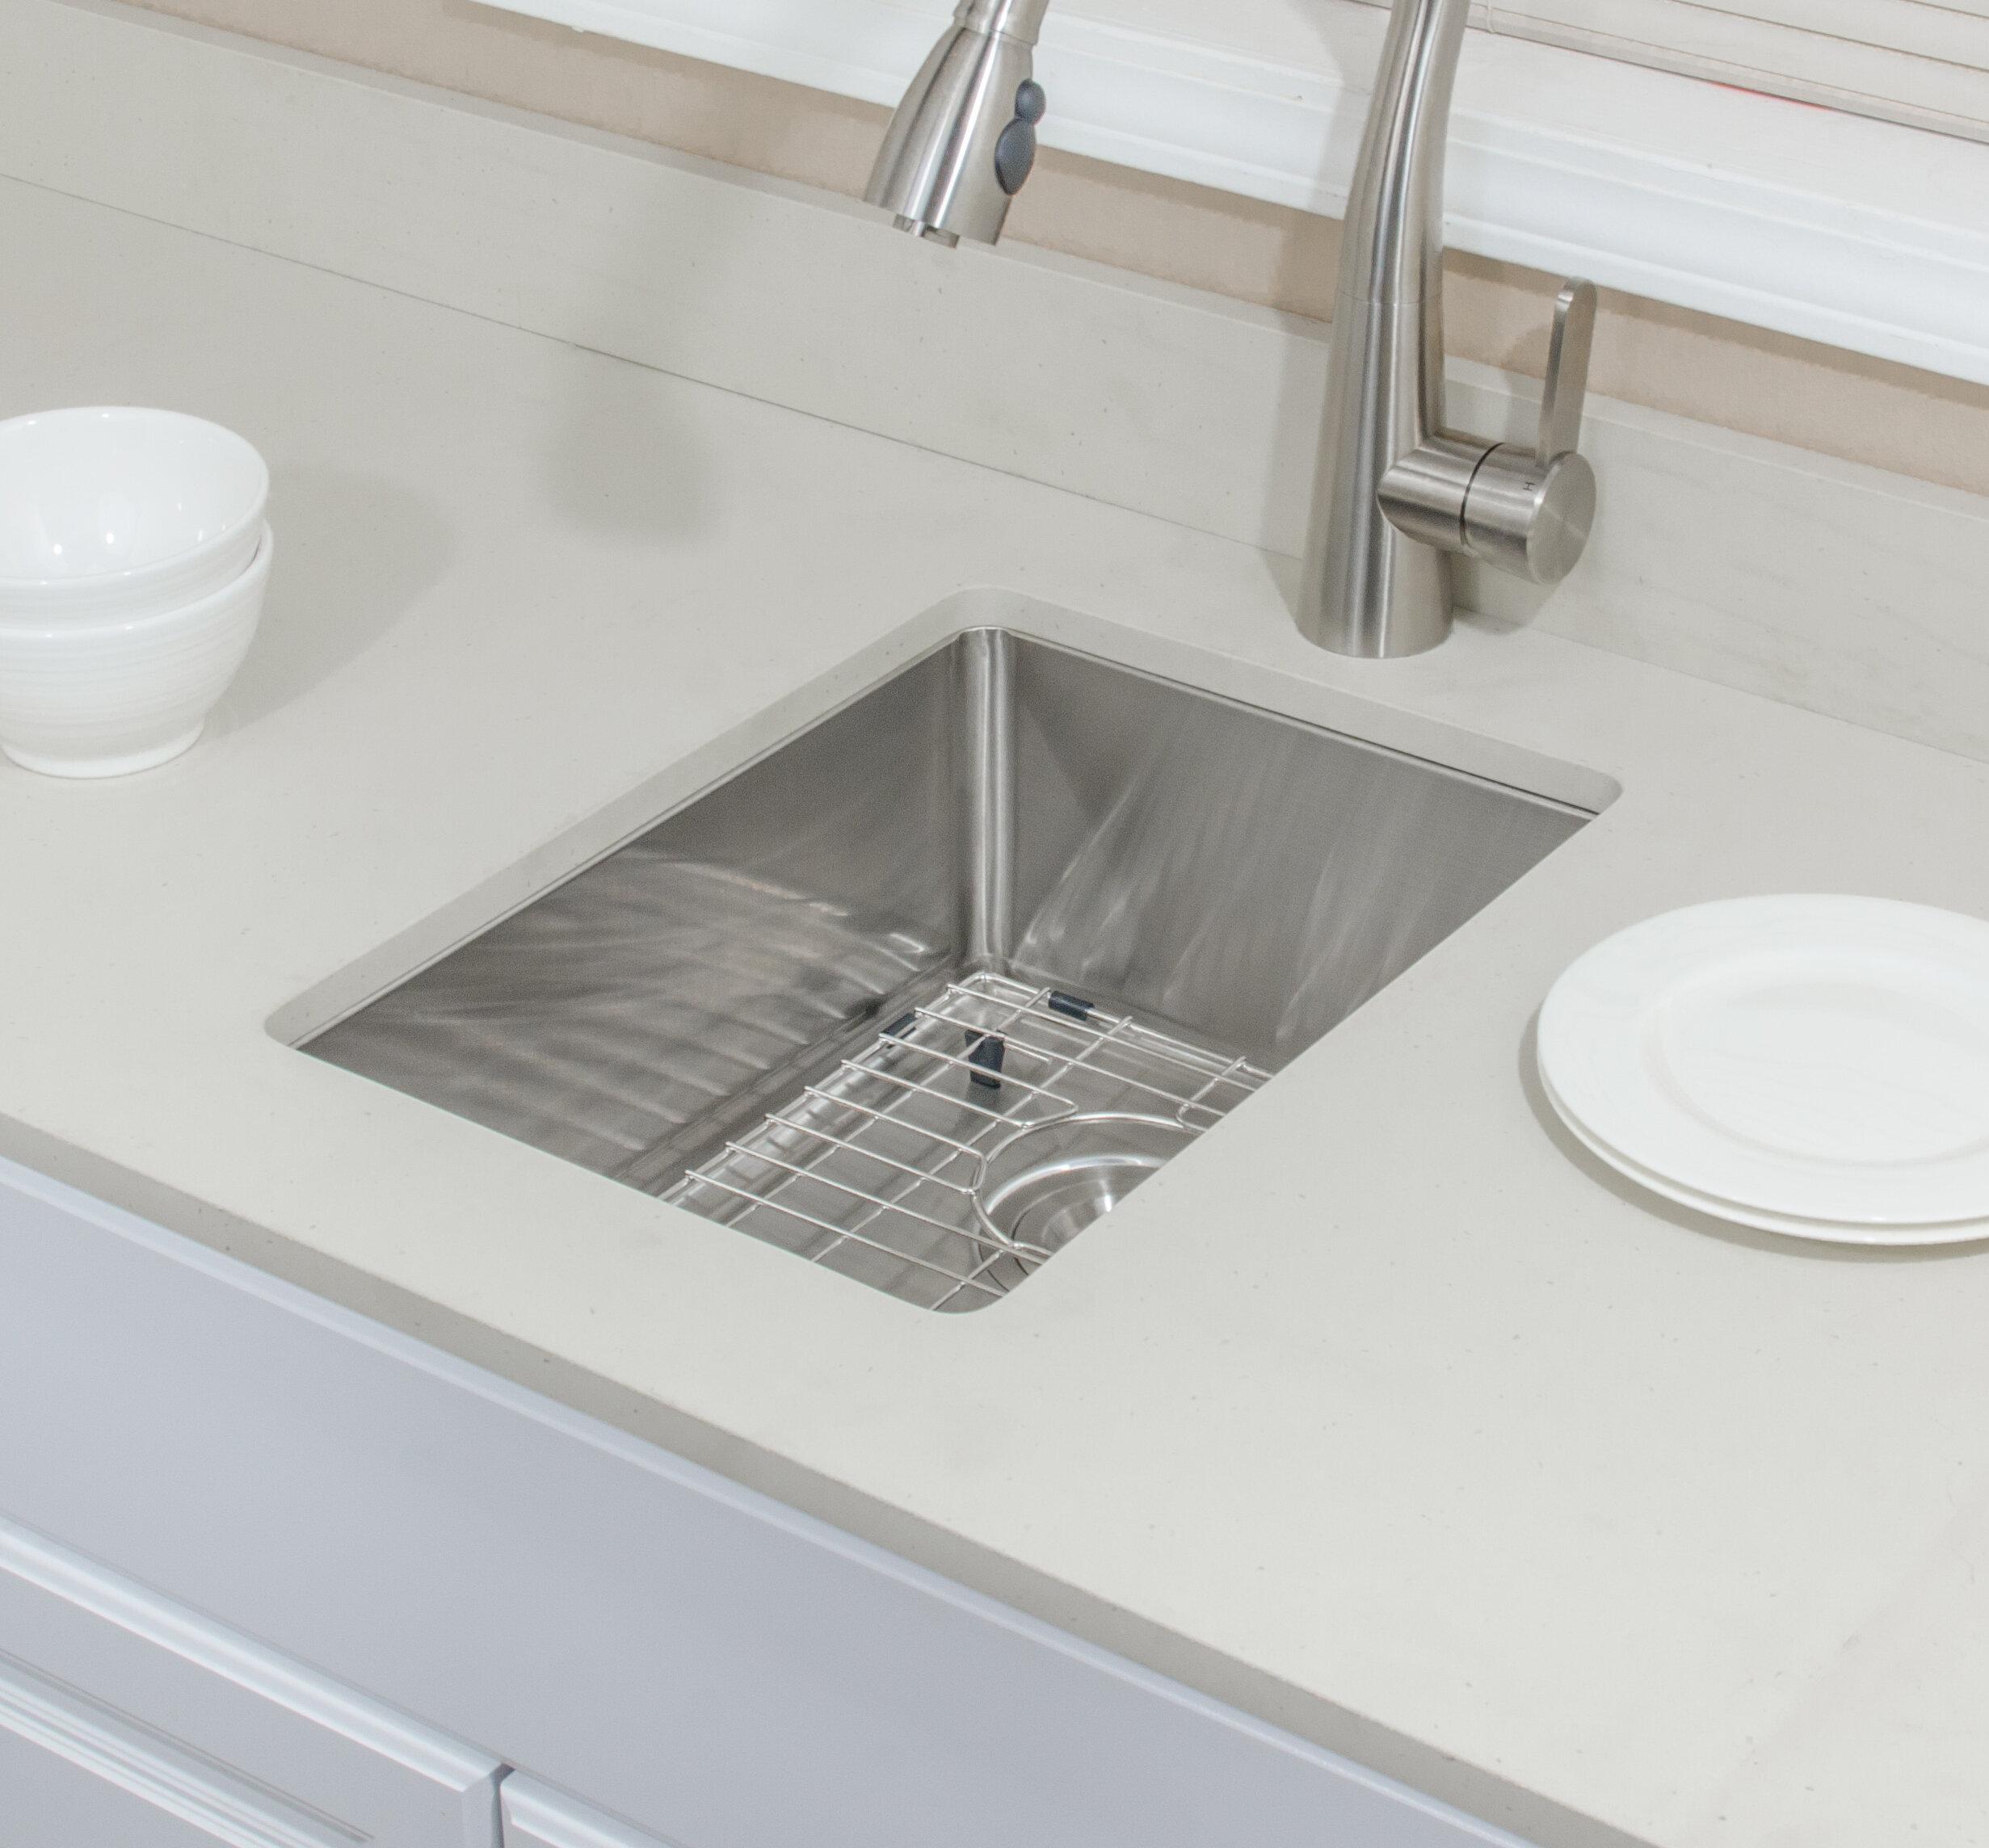 Csu1419 7 1 Chef S Series 14 L X 19 W Undermount Kitchen Sink With Basket Strainer And Grid